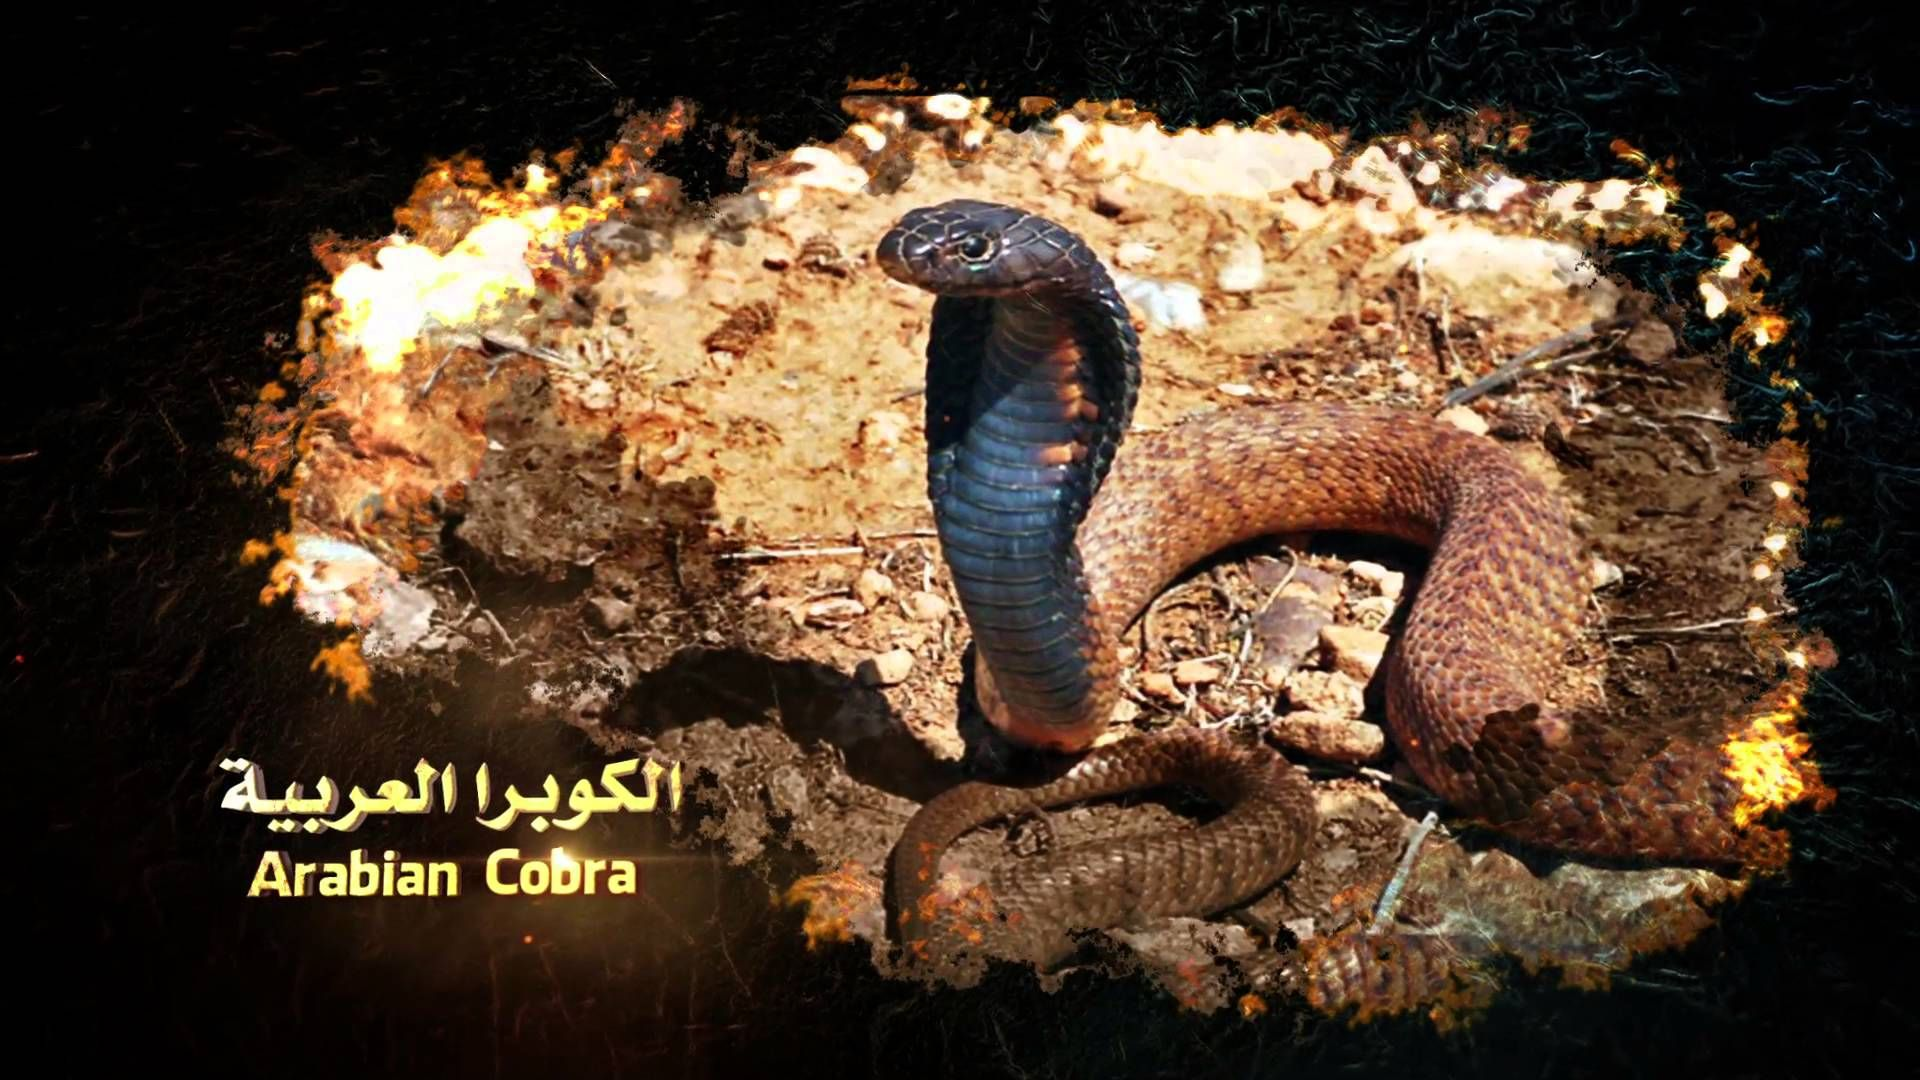 كامل بدوي عالم الثعابين بيئة الثعابين Kamel Badawi World Of Snakes Snakes Enviroment 16 World Snake Animals